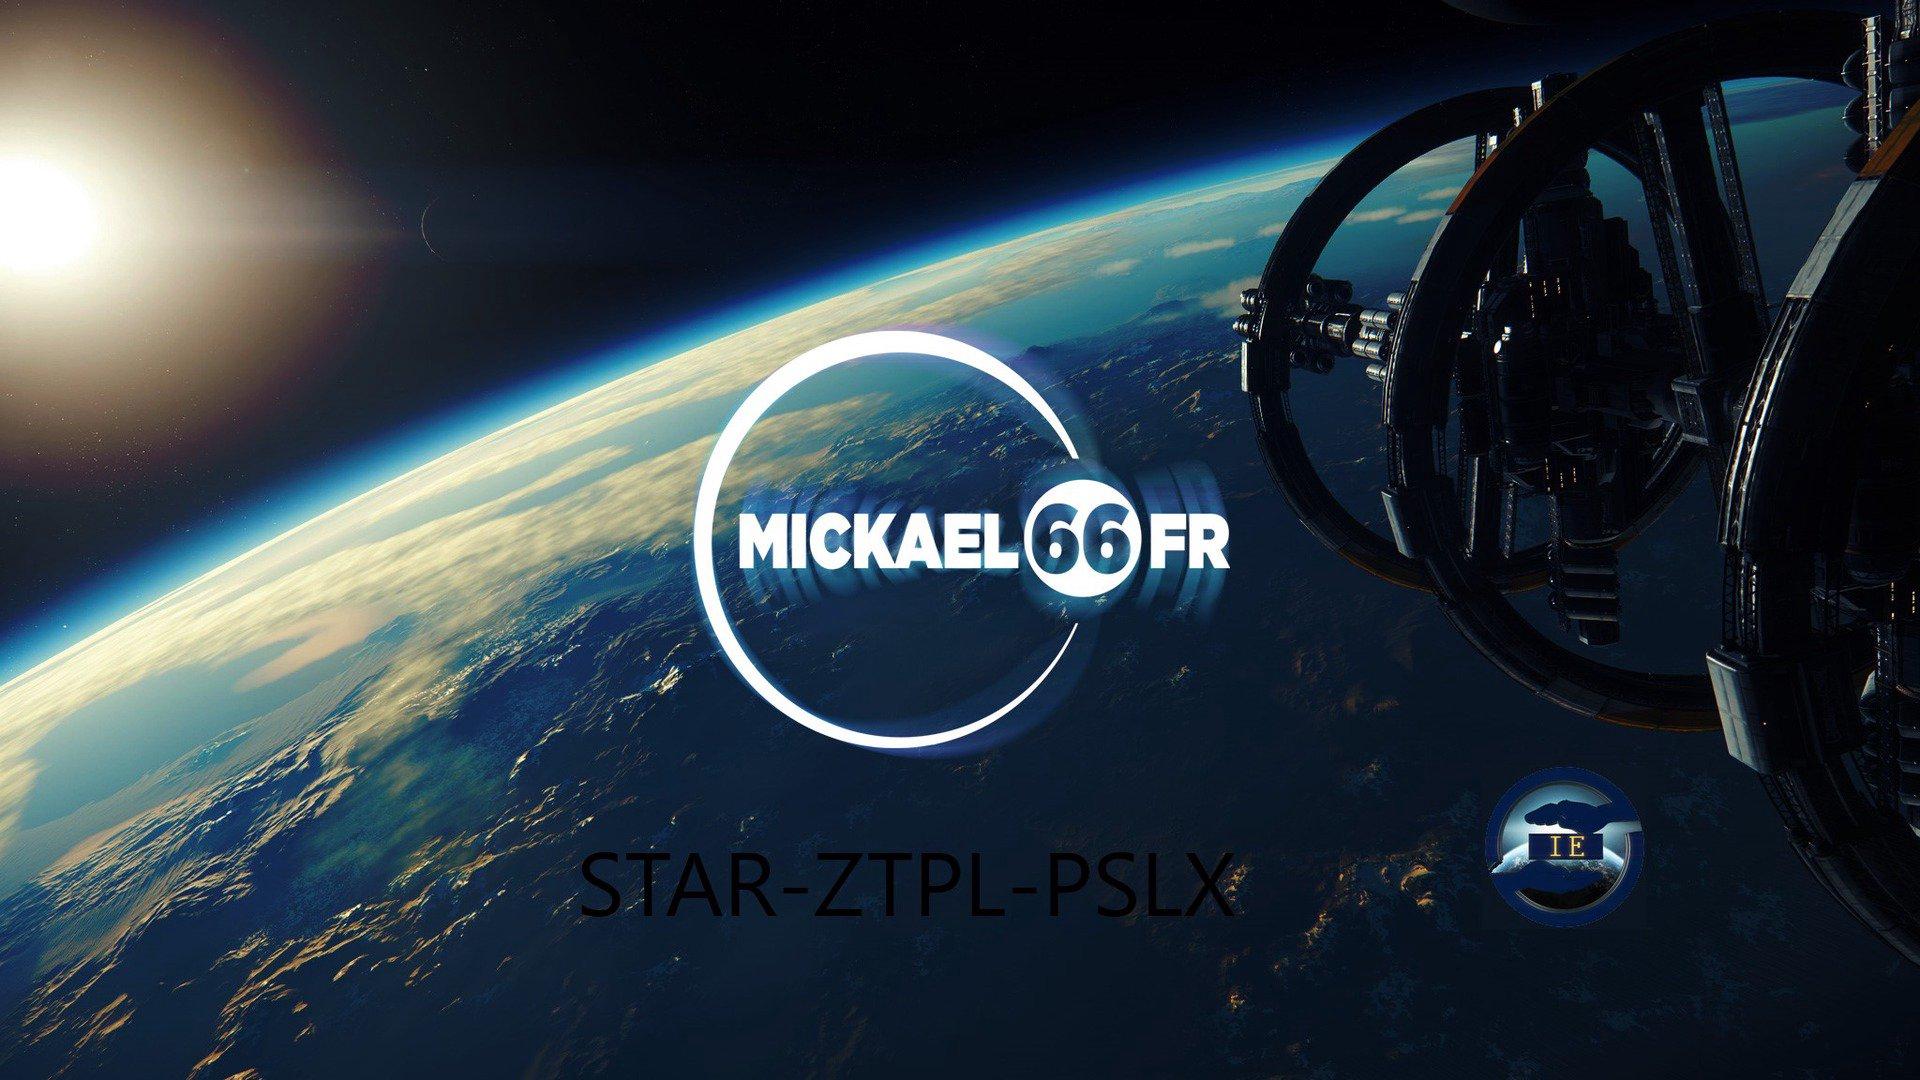 Twitch stream of mickael66fr